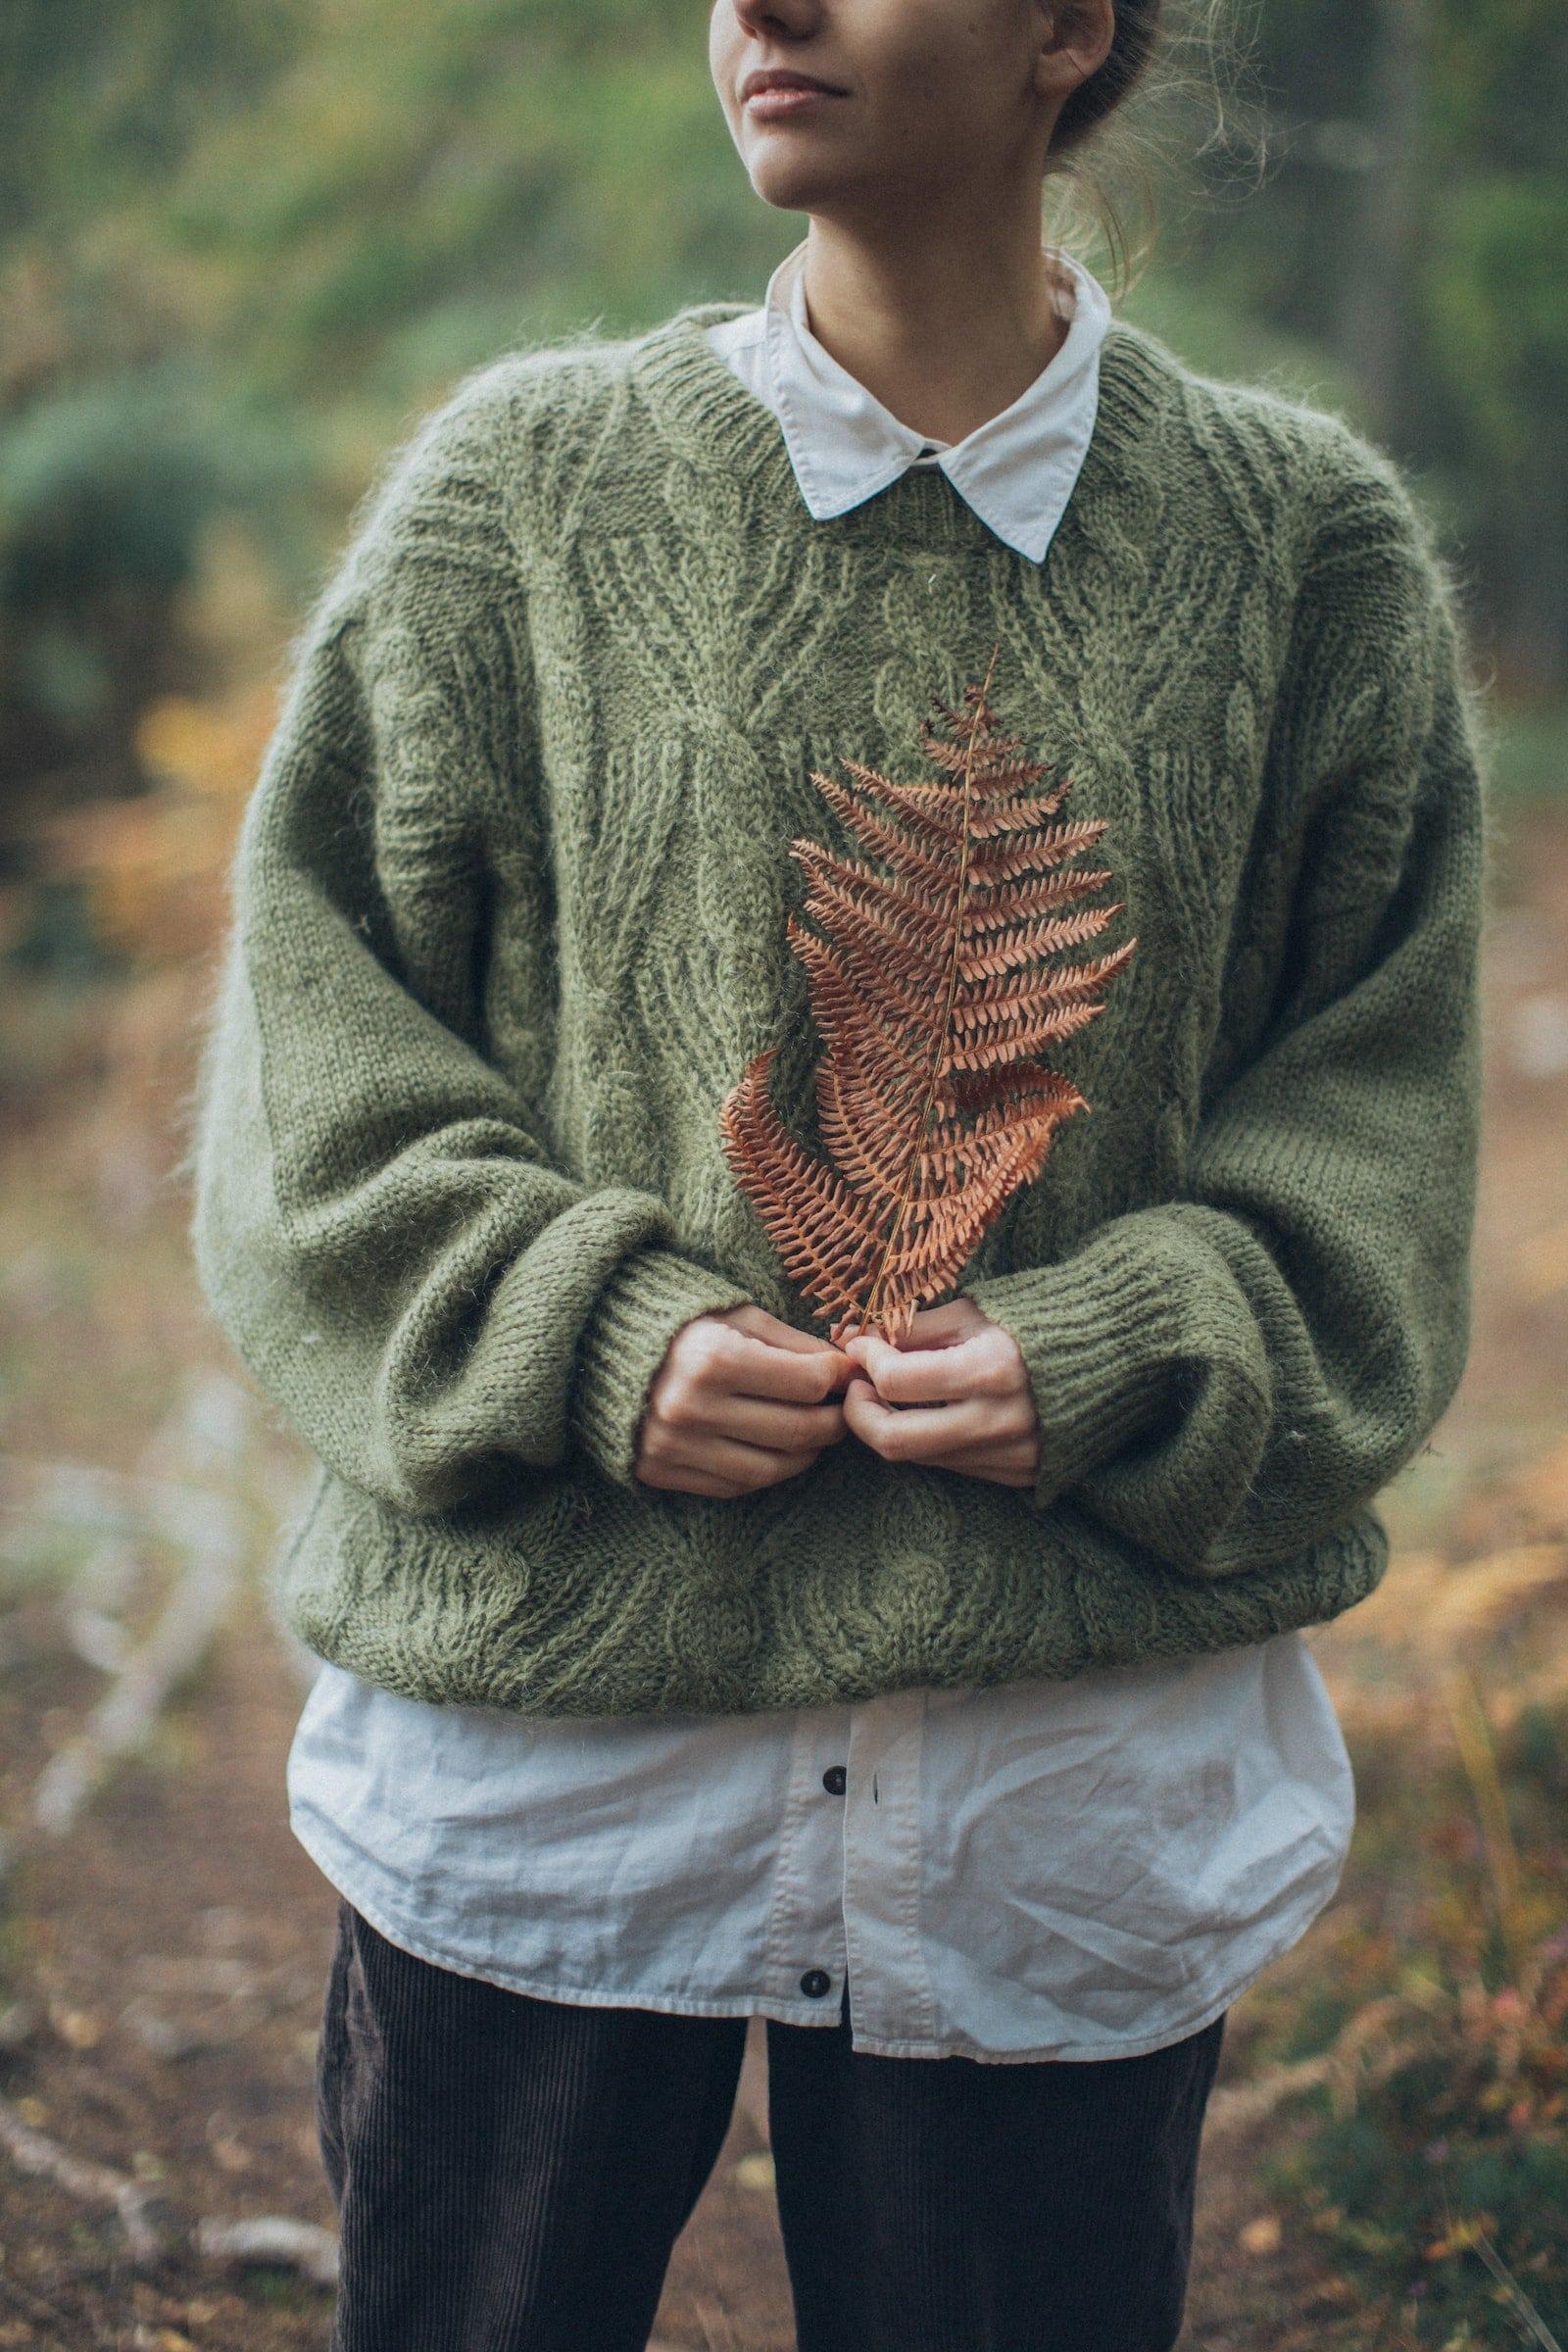 Herbst Outfit Damen - Herbst Freude: Nun kann ich endlich wieder meine Herbstkleidung heraus kramen. Zwar habe ich während meiner Minimalismus Phase sehr viel weggeschmissen, gespendet und aussortiert, aber seit Wochen freue ich mich auf meine Lieblings - Hoodies, Pullover, Windbreaker, Parker, Sneaker, Caps und Mützen. #Herbst #Fashion #Hoodie #Sweater #Mütze